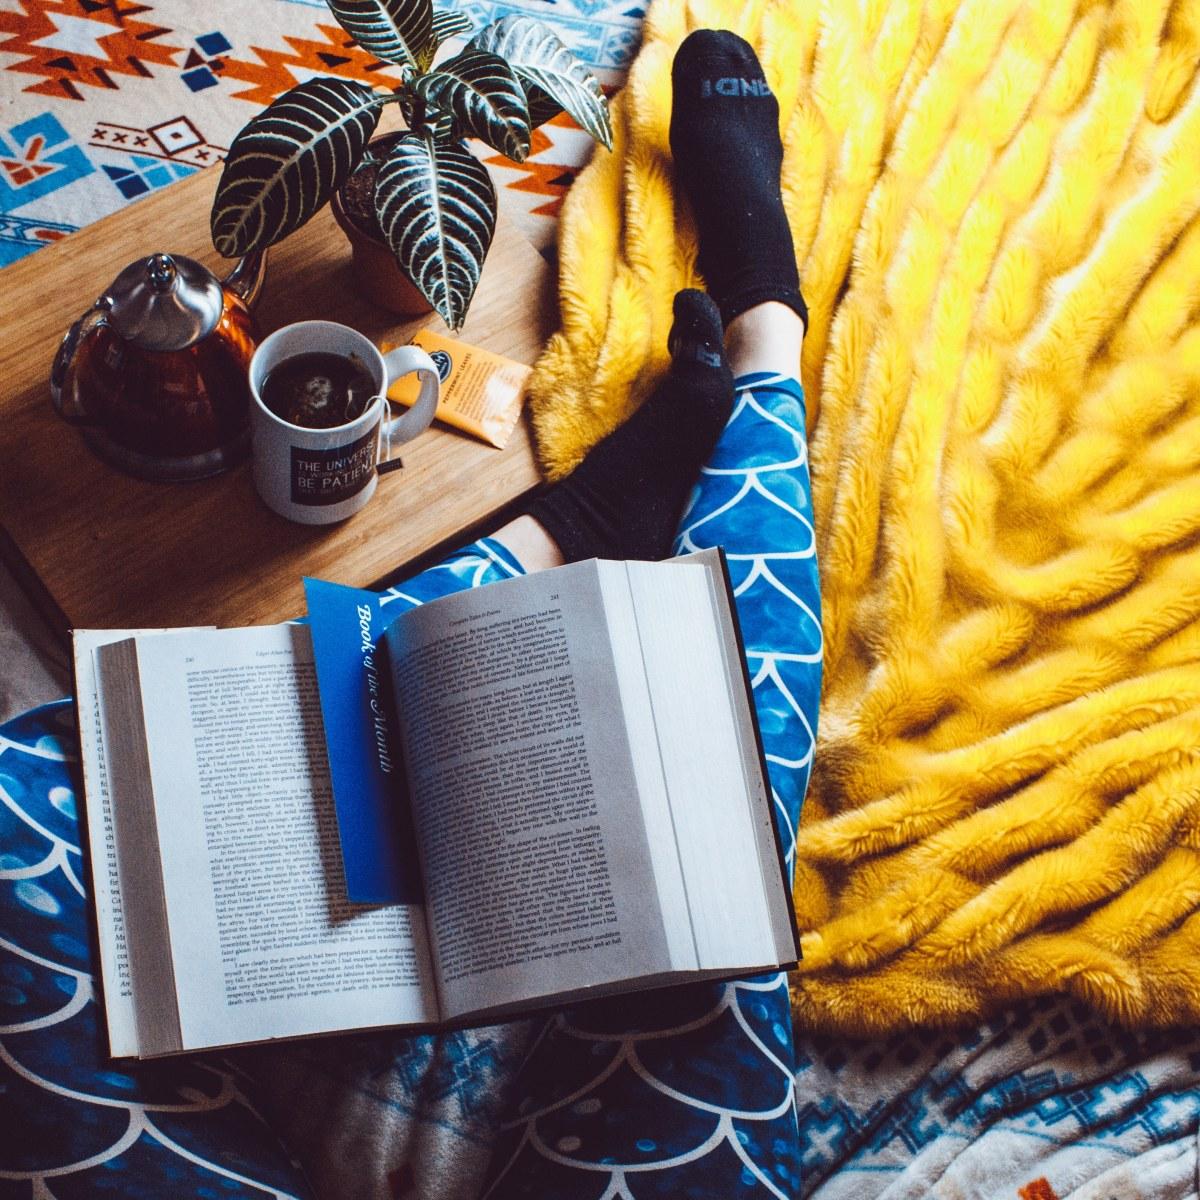 15 livros inesquecíveis que você deve ler para entender mais sobre a vida